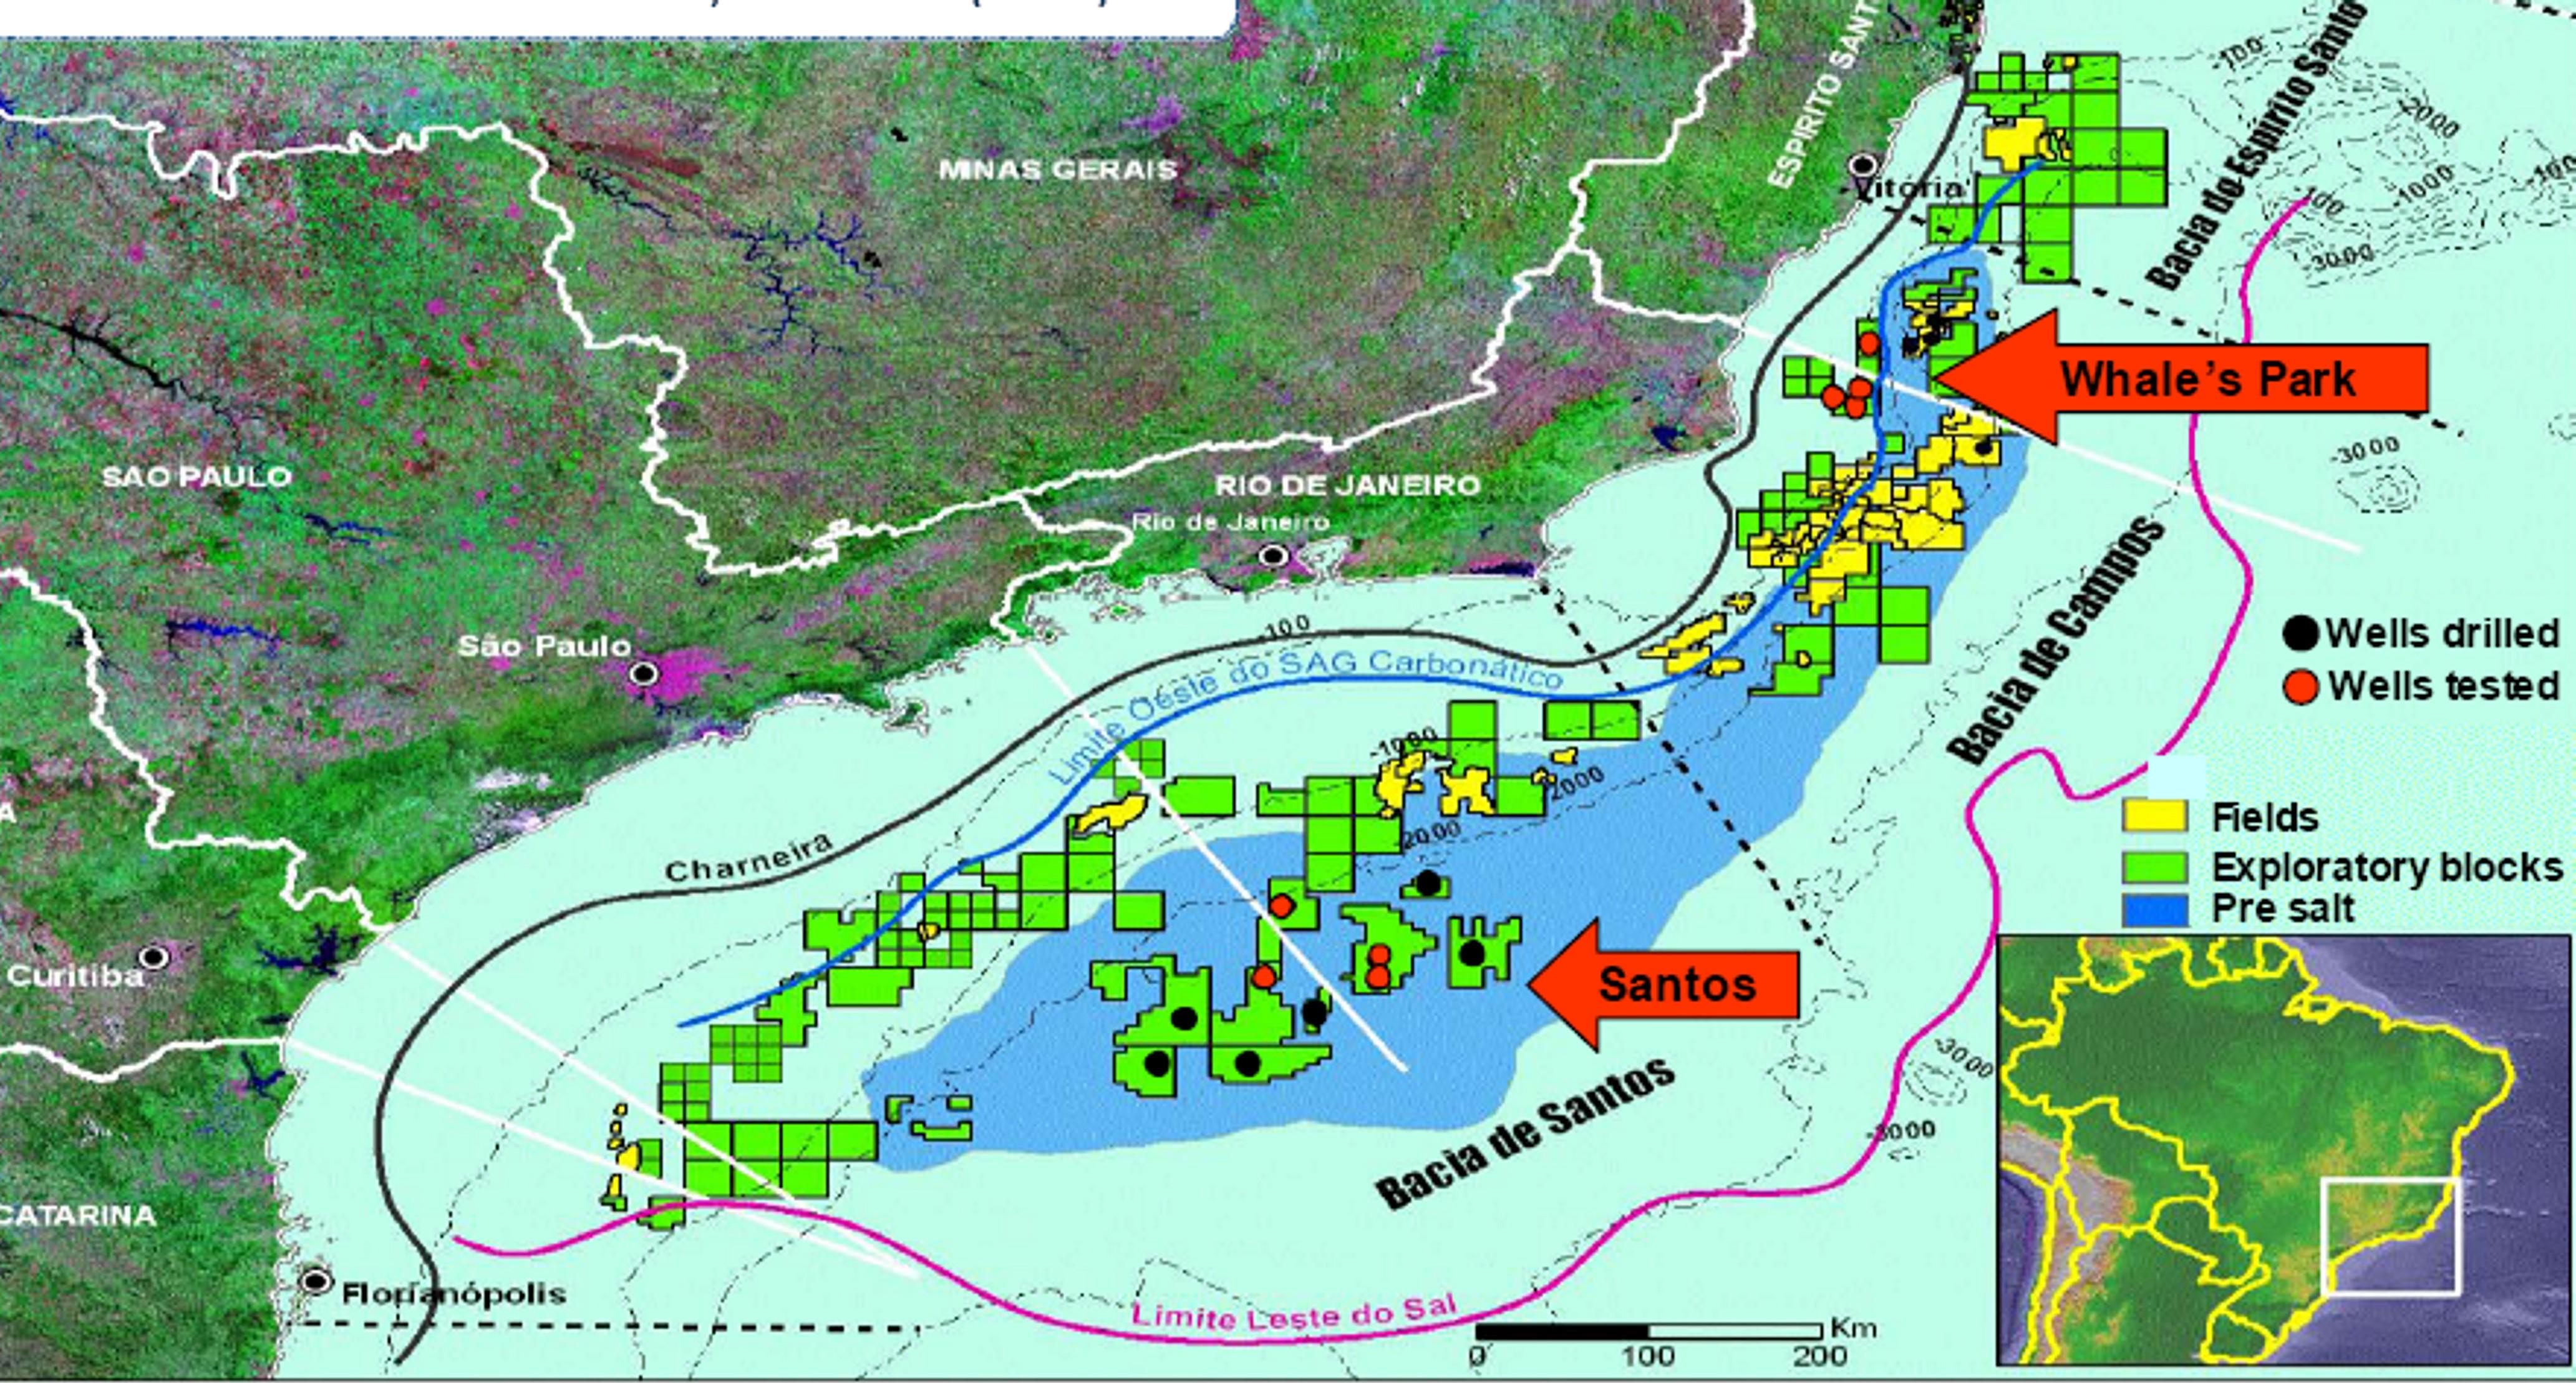 Petrobras_Floating-GTL_FPSO_Pre-salt_Map